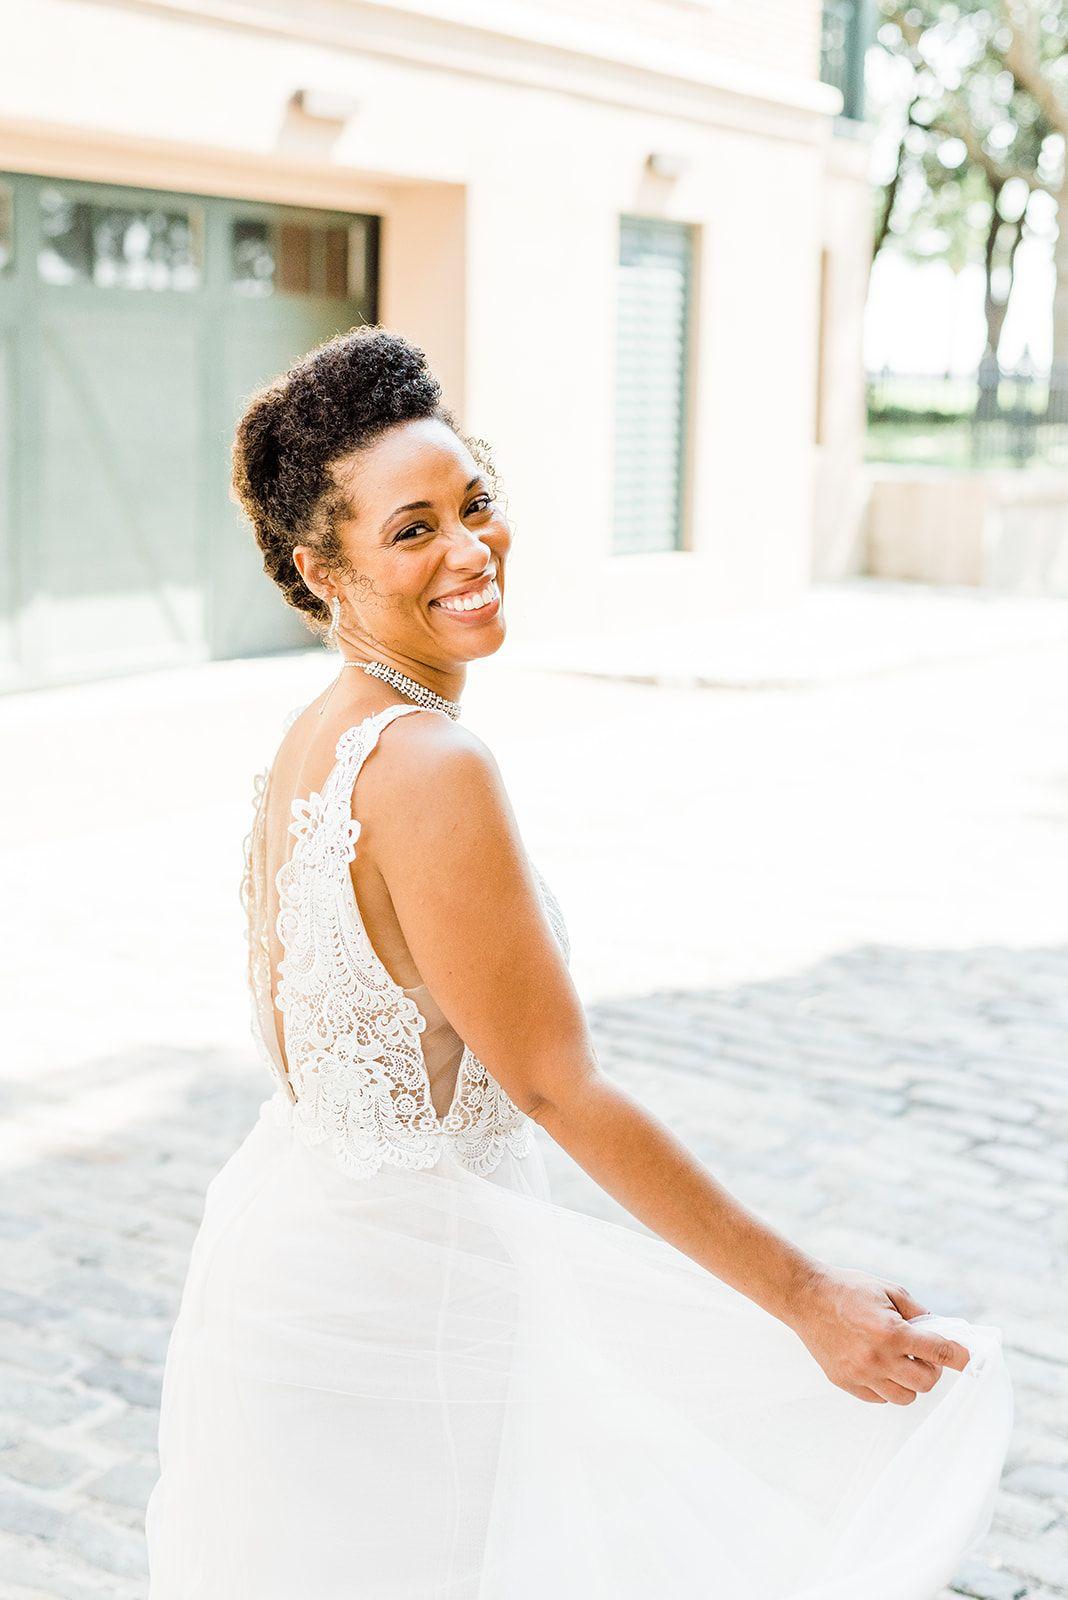 Natural Hair Bride in Charleston South Carolina. Hair and